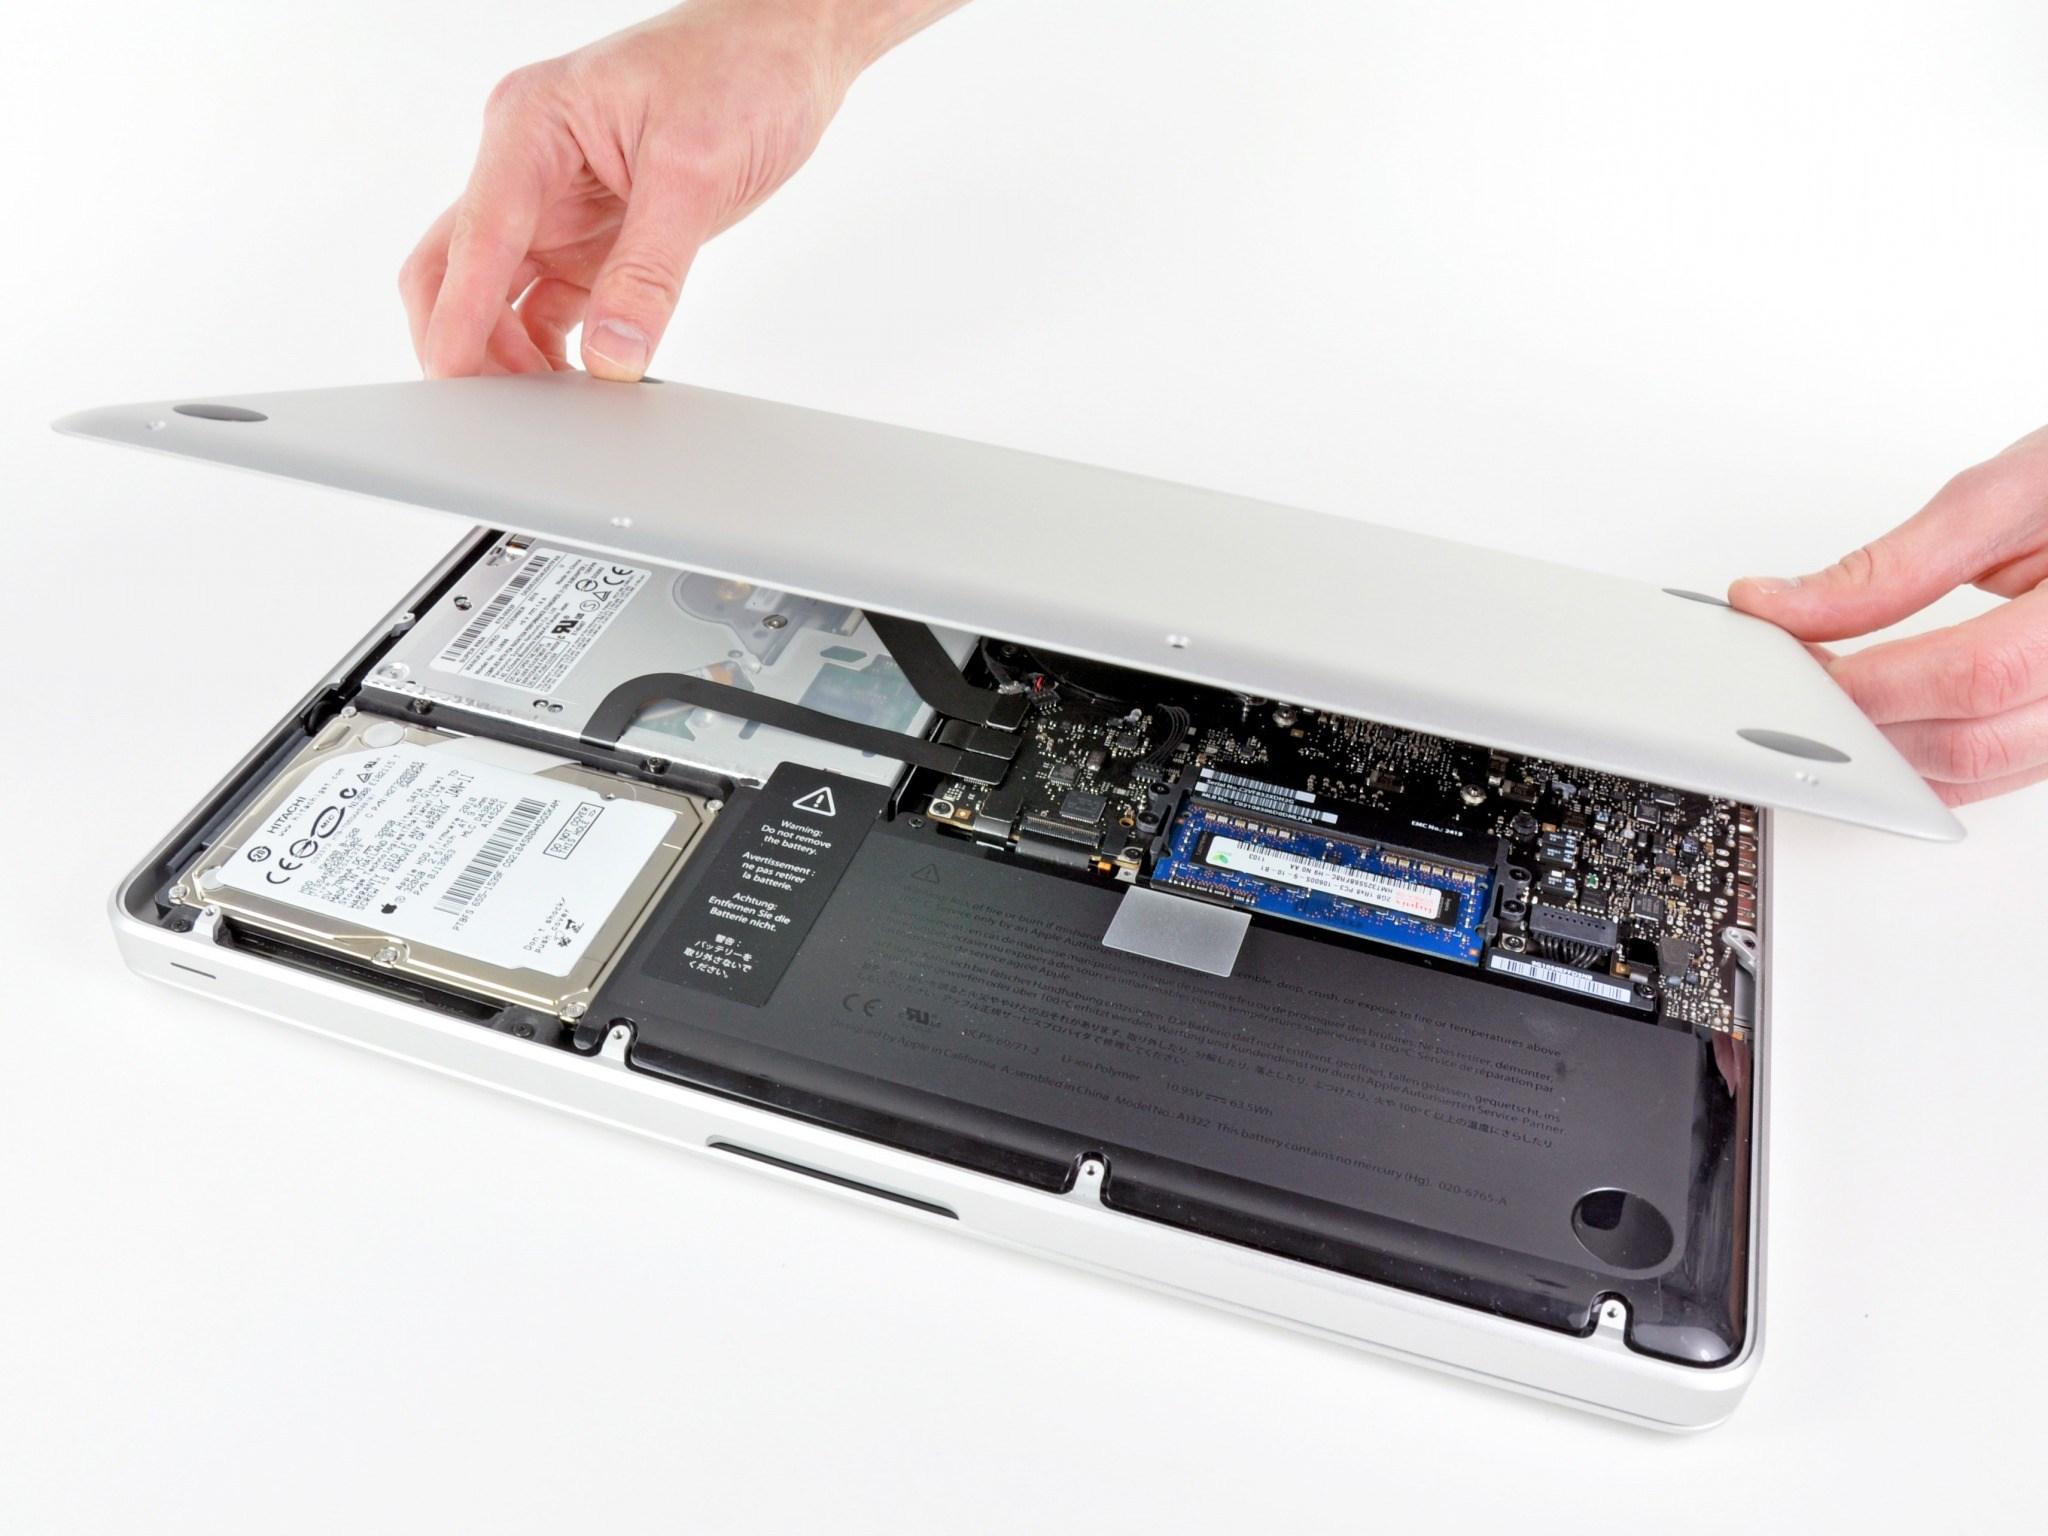 Профилактика (чистка, замена термопасты) системы охлаждения MacBook